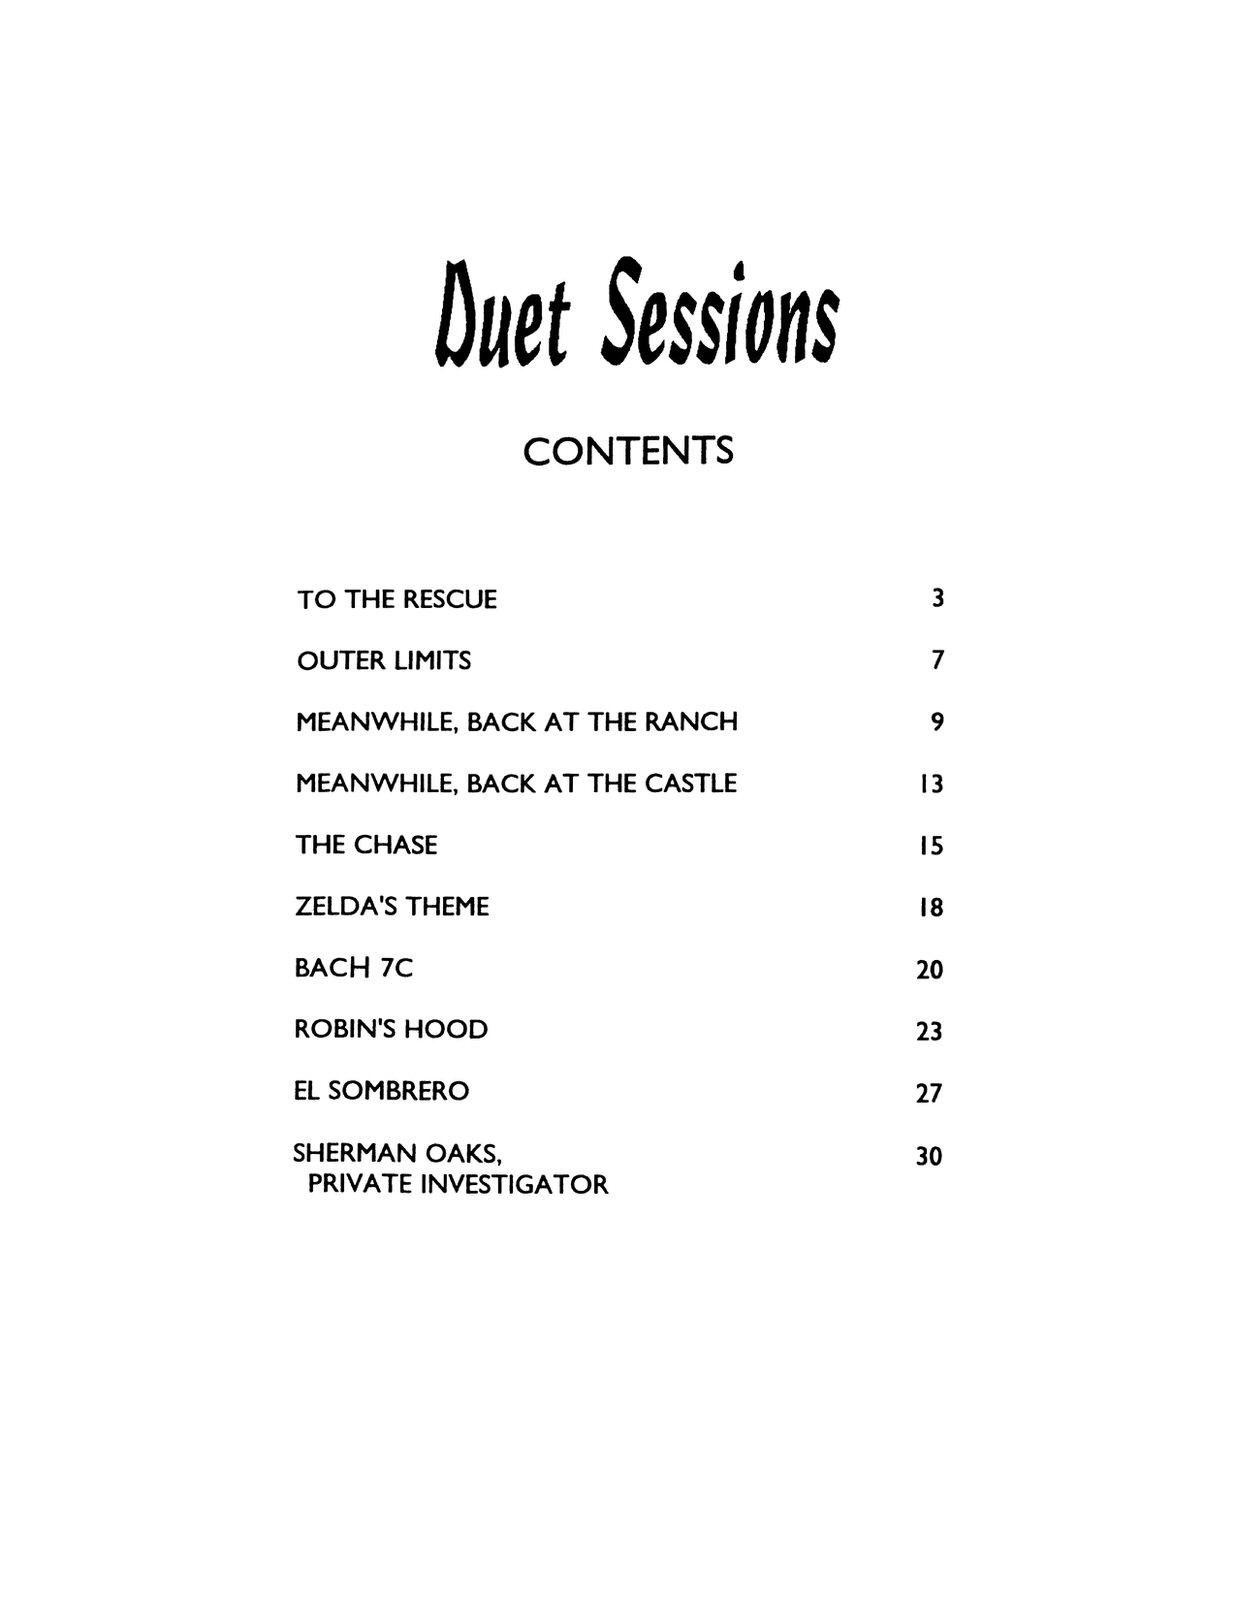 Bush Duet Sessions-p04